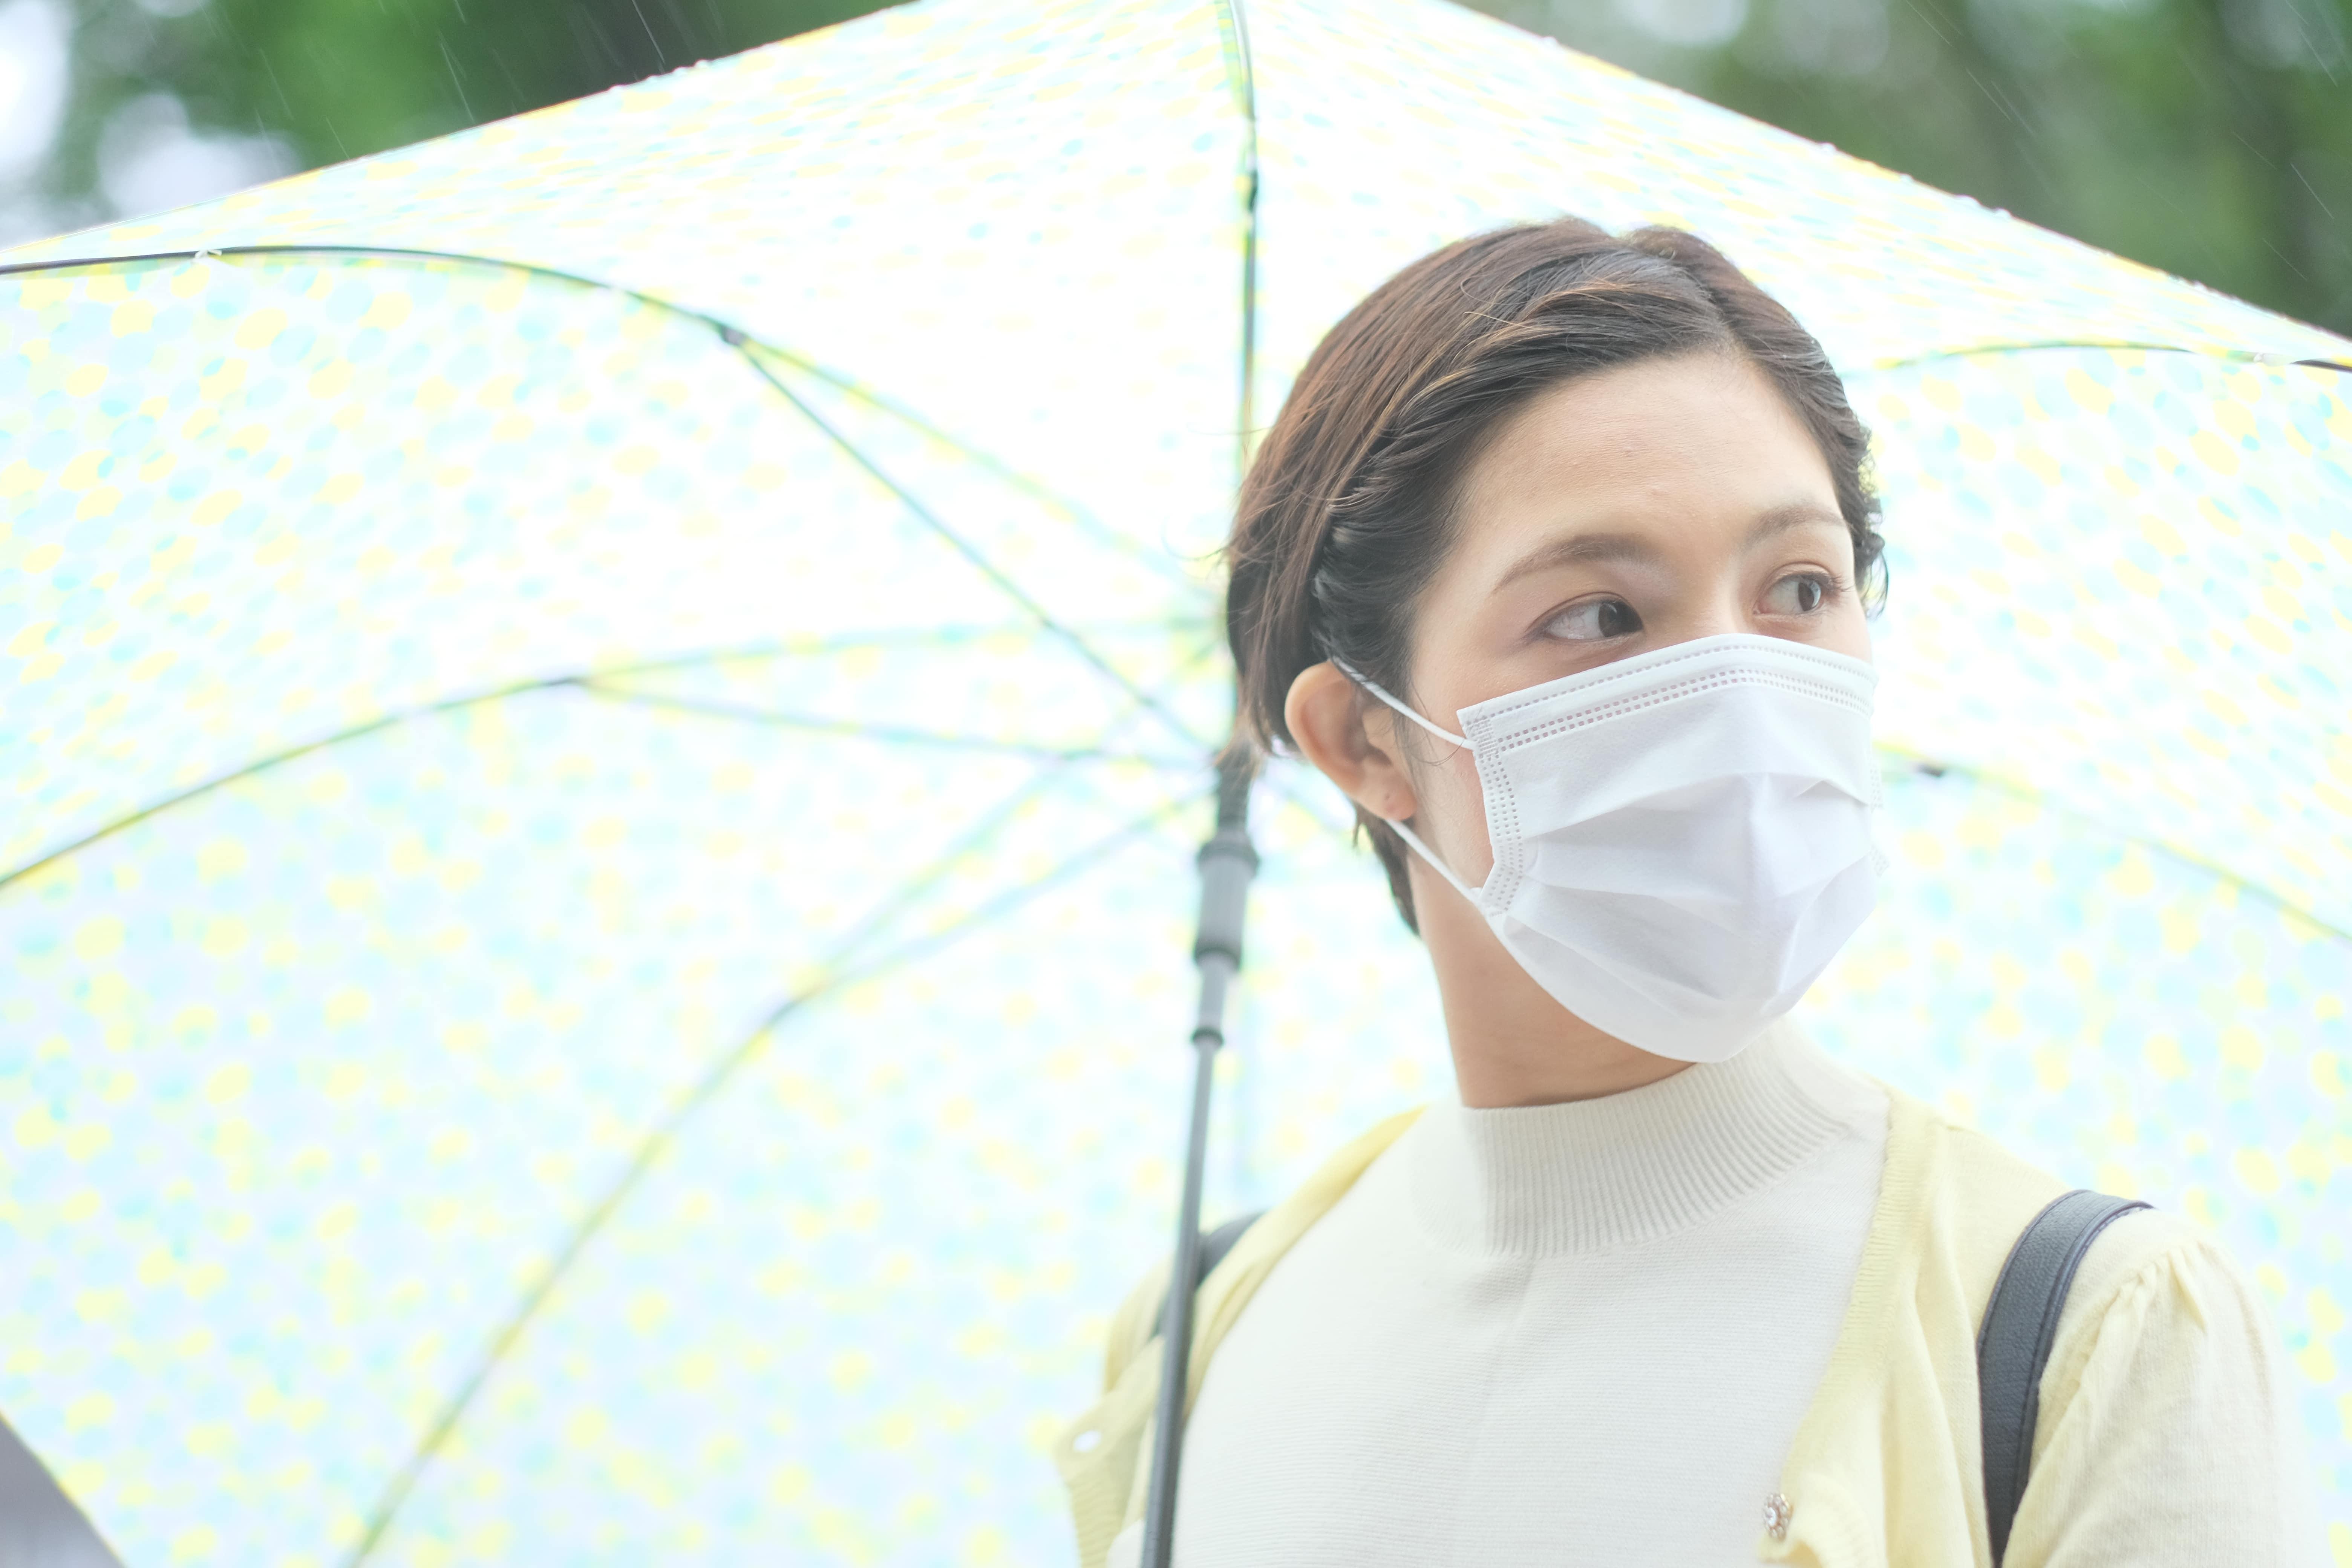 傘をさす女性イメージ